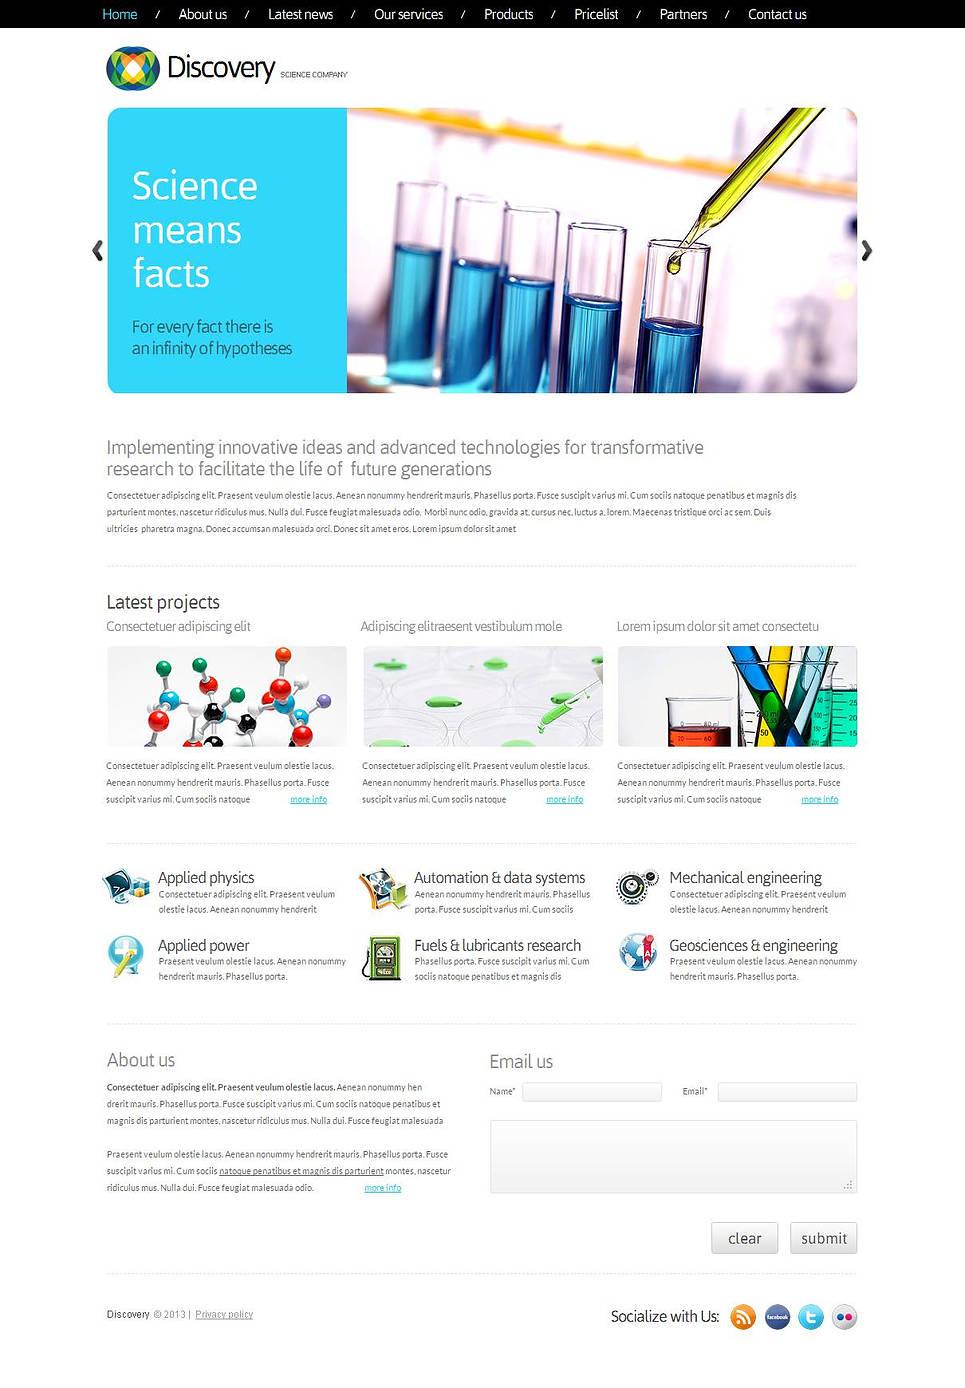 MotoCMS HTML Vorlage #43819 aus der Kategorie Wissenschaft - image